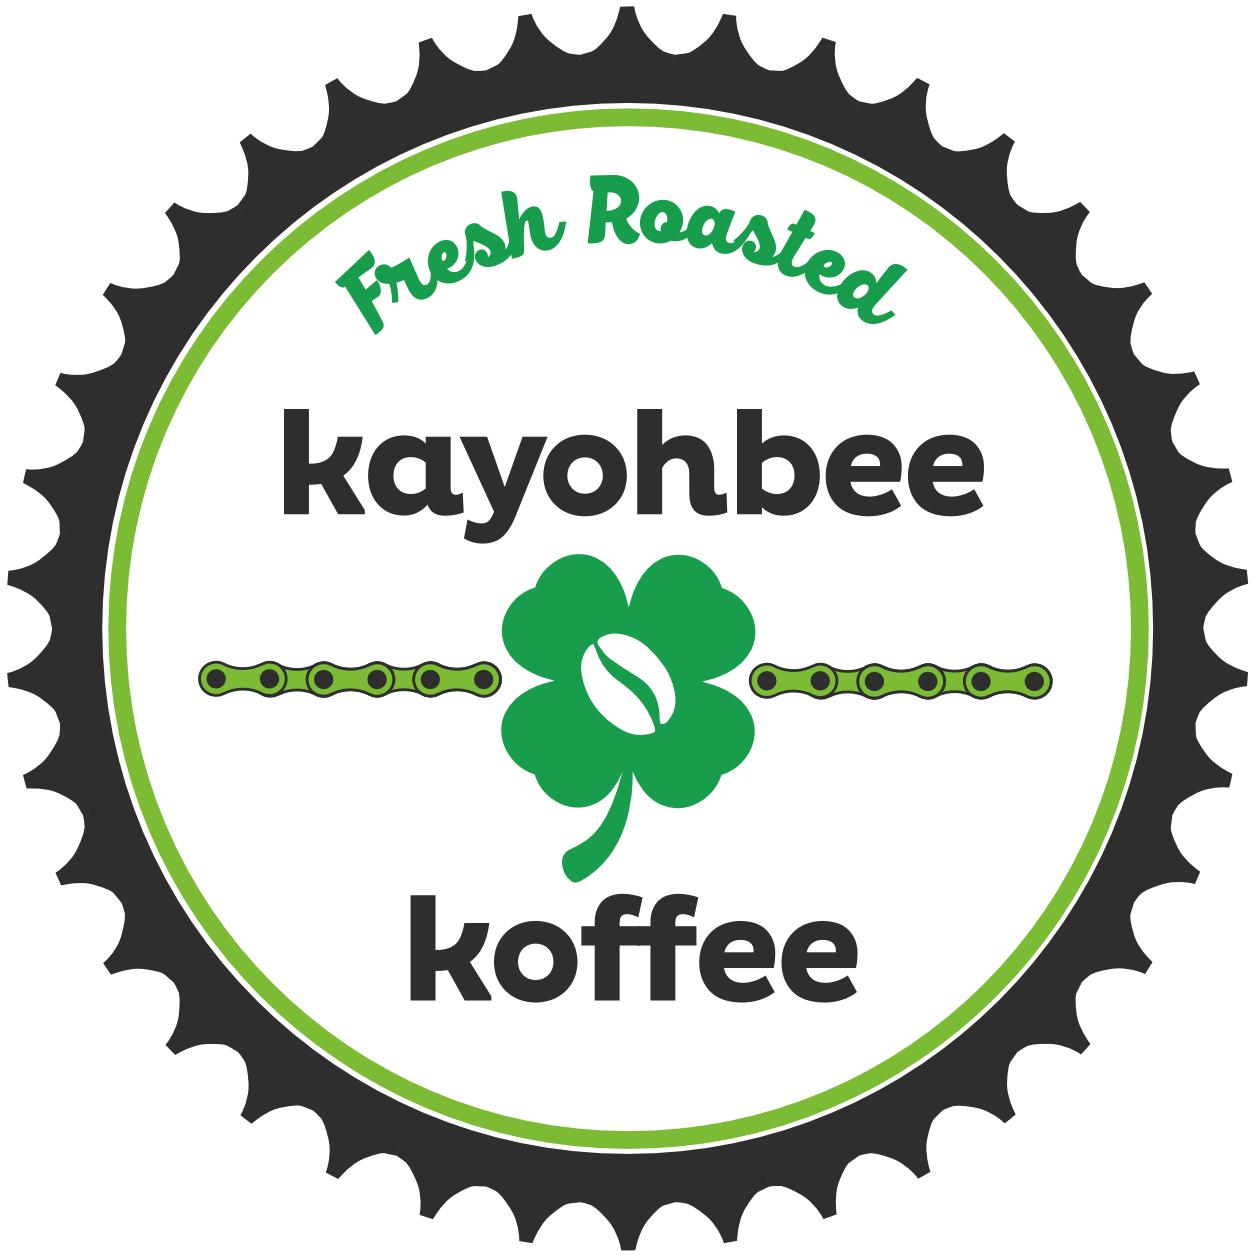 kayohbee koffee